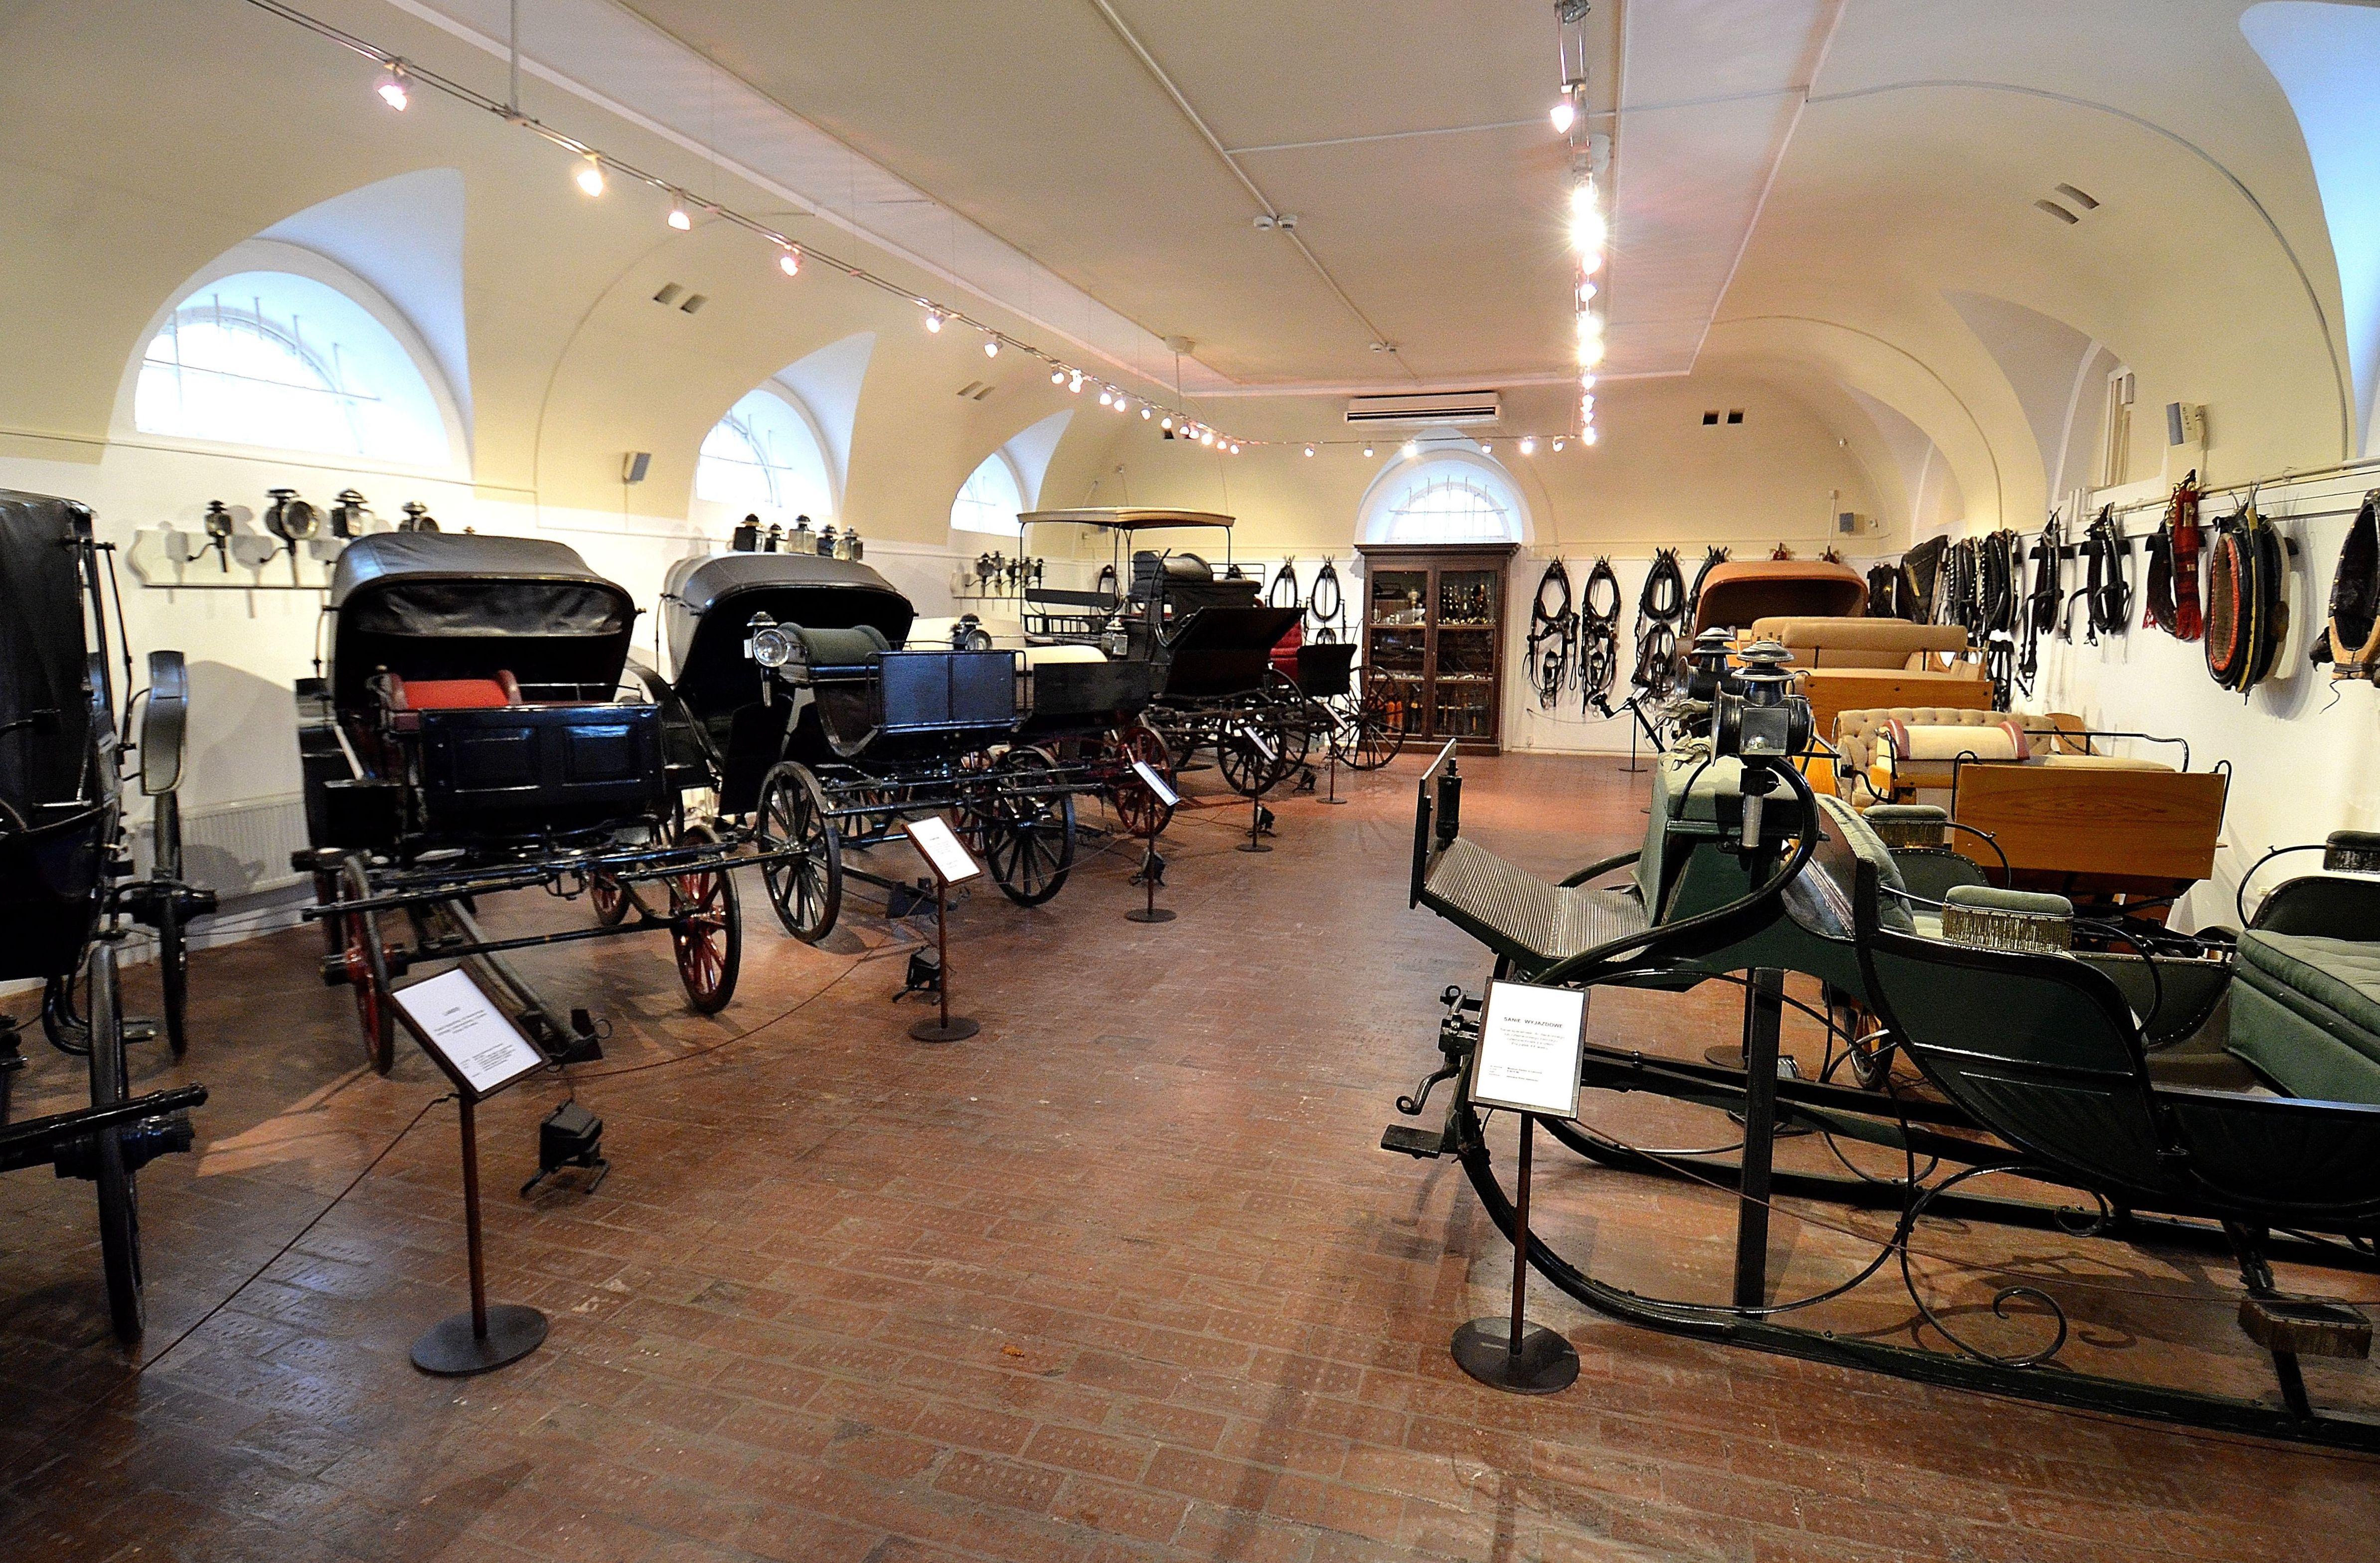 Muzeum łowiectwa I Jeździectwa W Warszawie Wikipedia